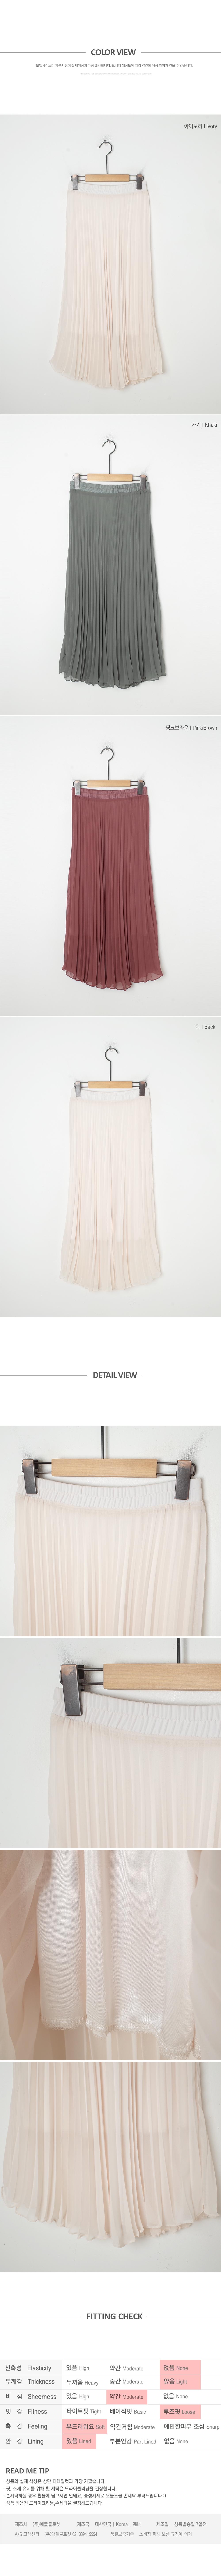 Shalala flared skirt